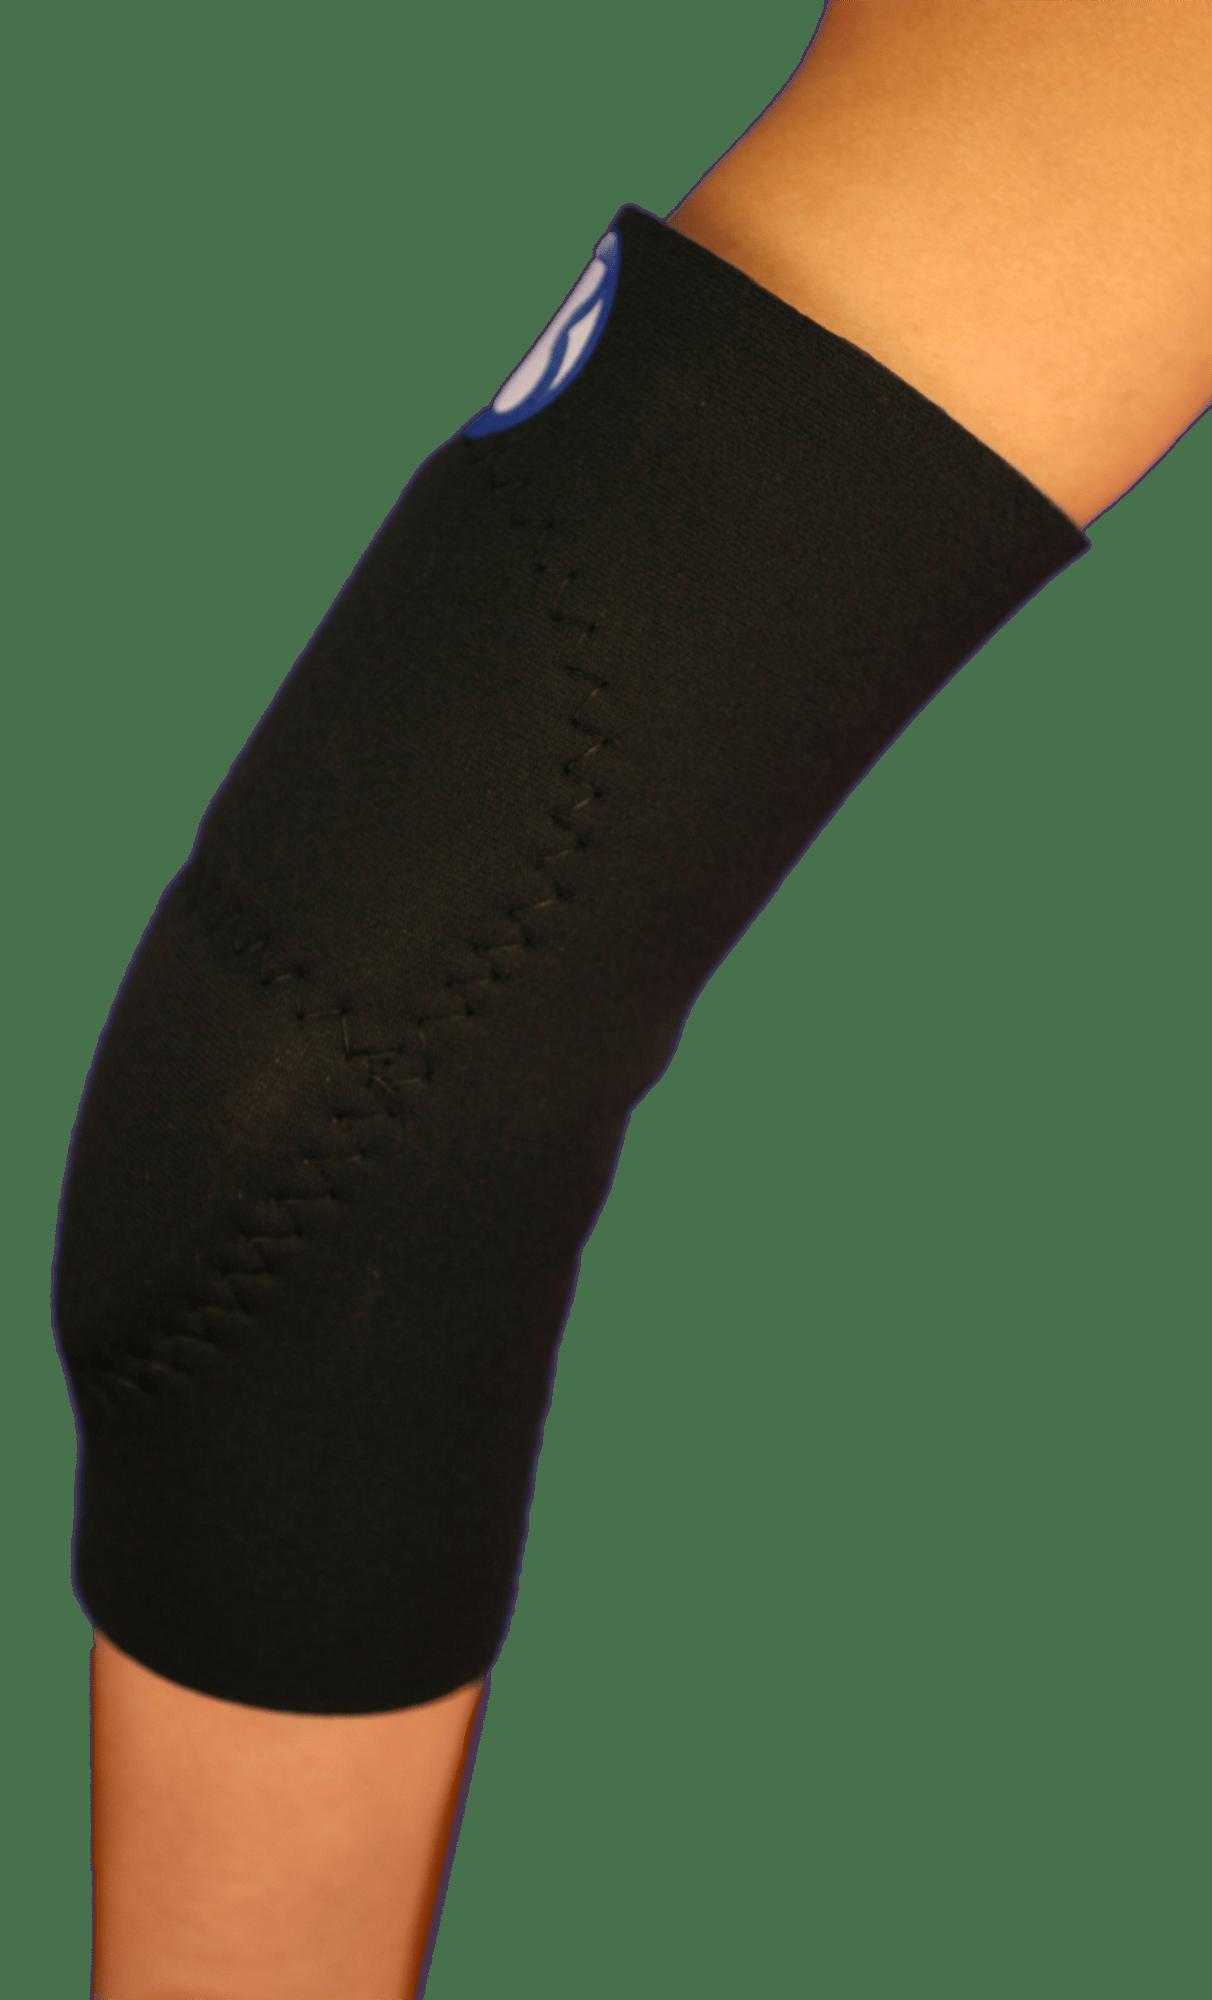 Bunga Elbow Pad [AE10]